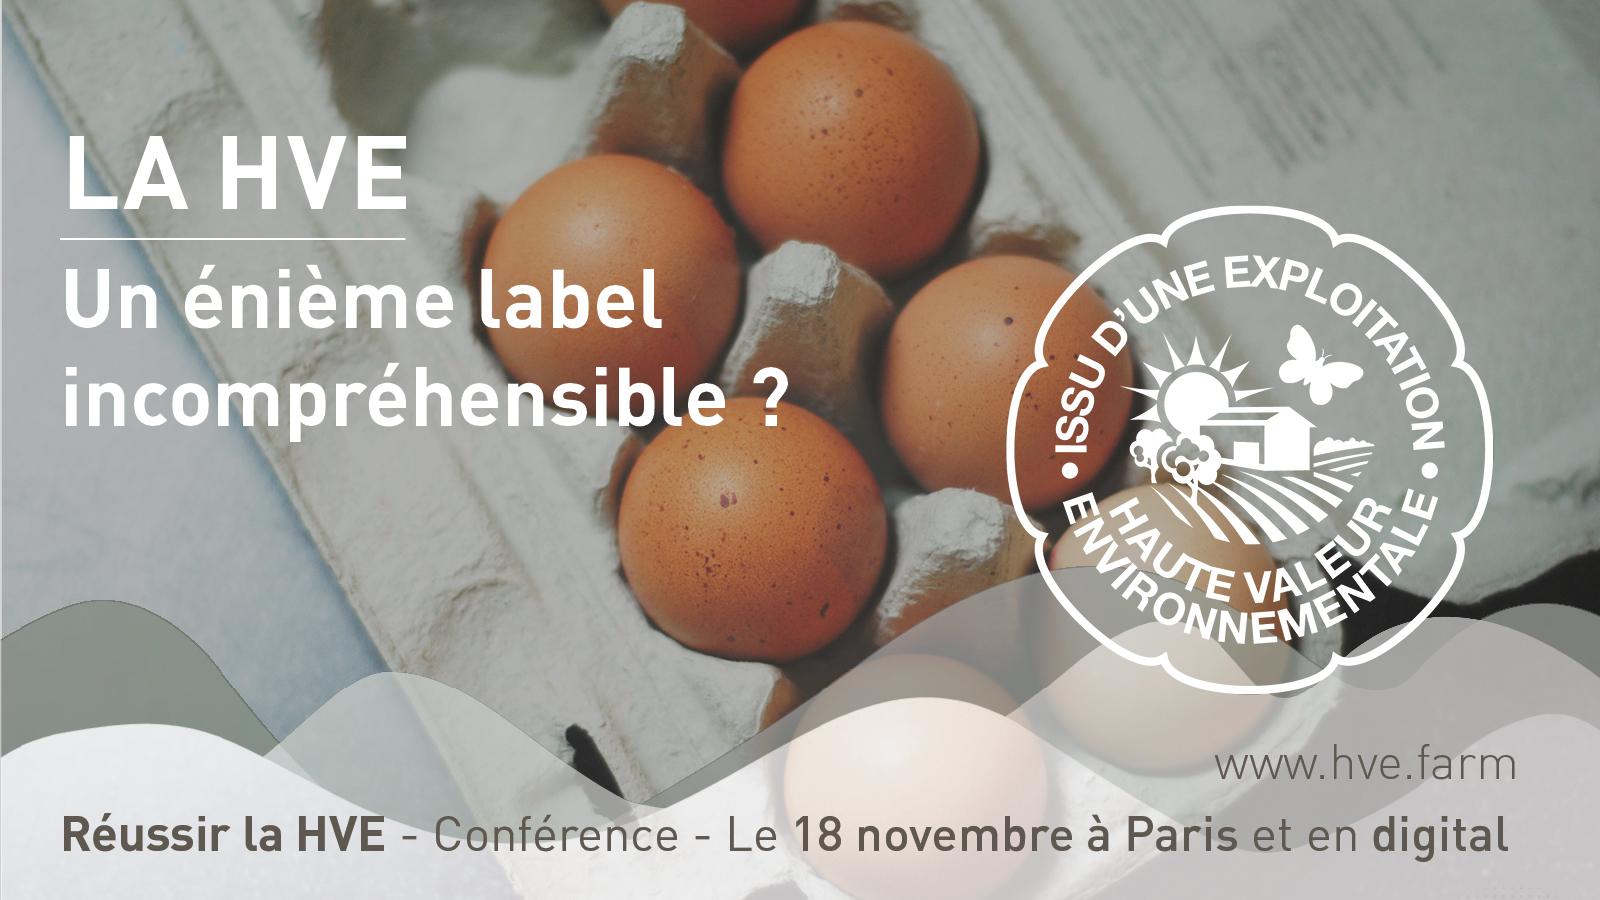 You are currently viewing La HVE : un énième label incompréhensible ?